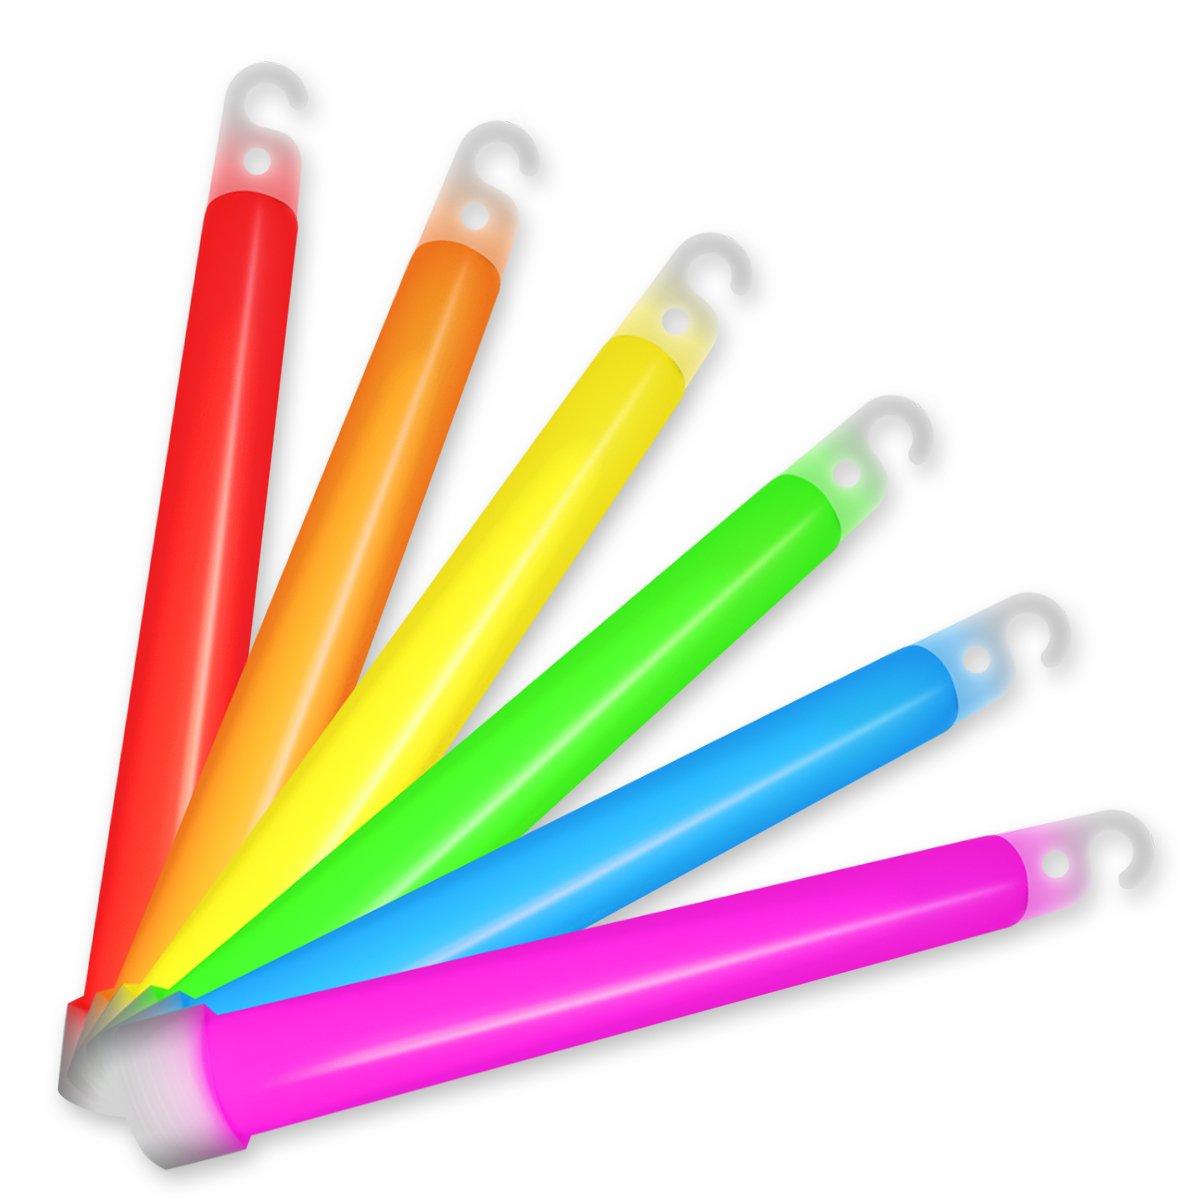 Galleon 25 Premium 6 Quot Glow Sticks In Assorted Colors